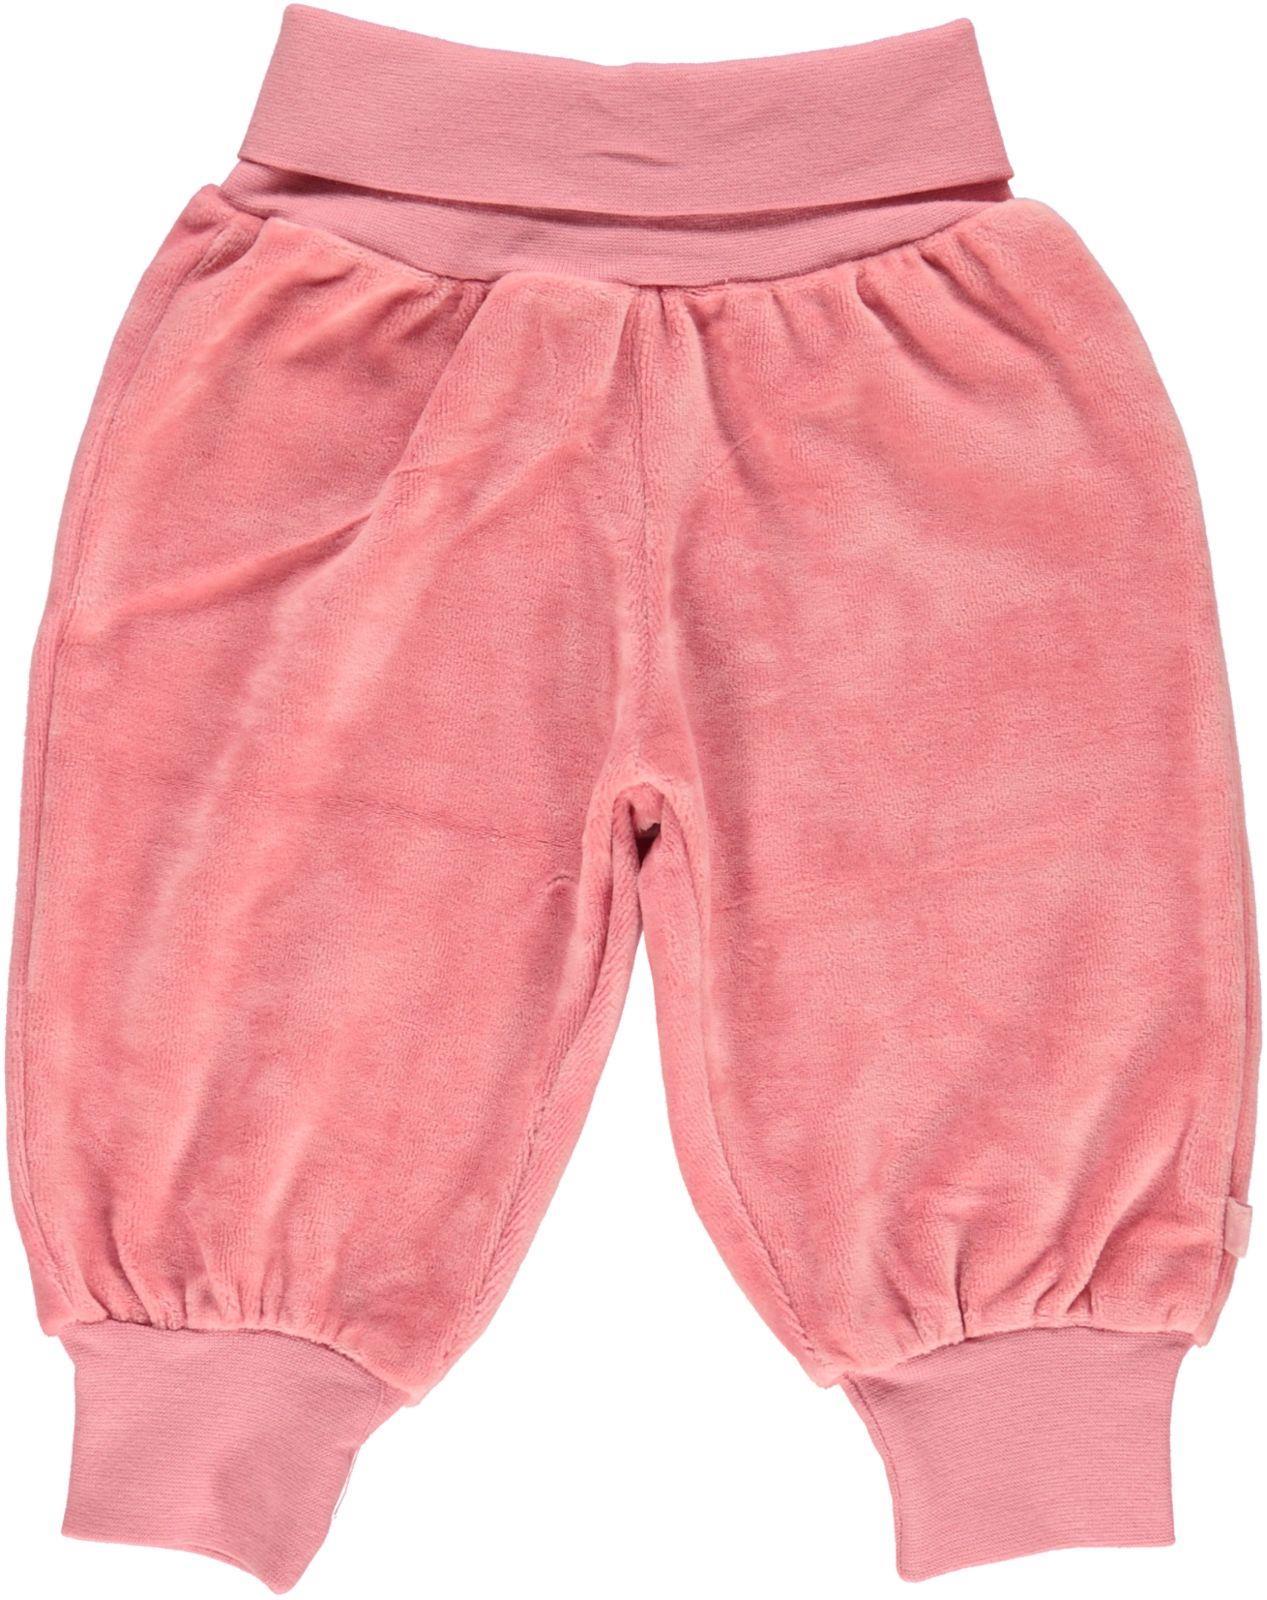 Småfolk - Velvet Baby Waistband Pants - Blush